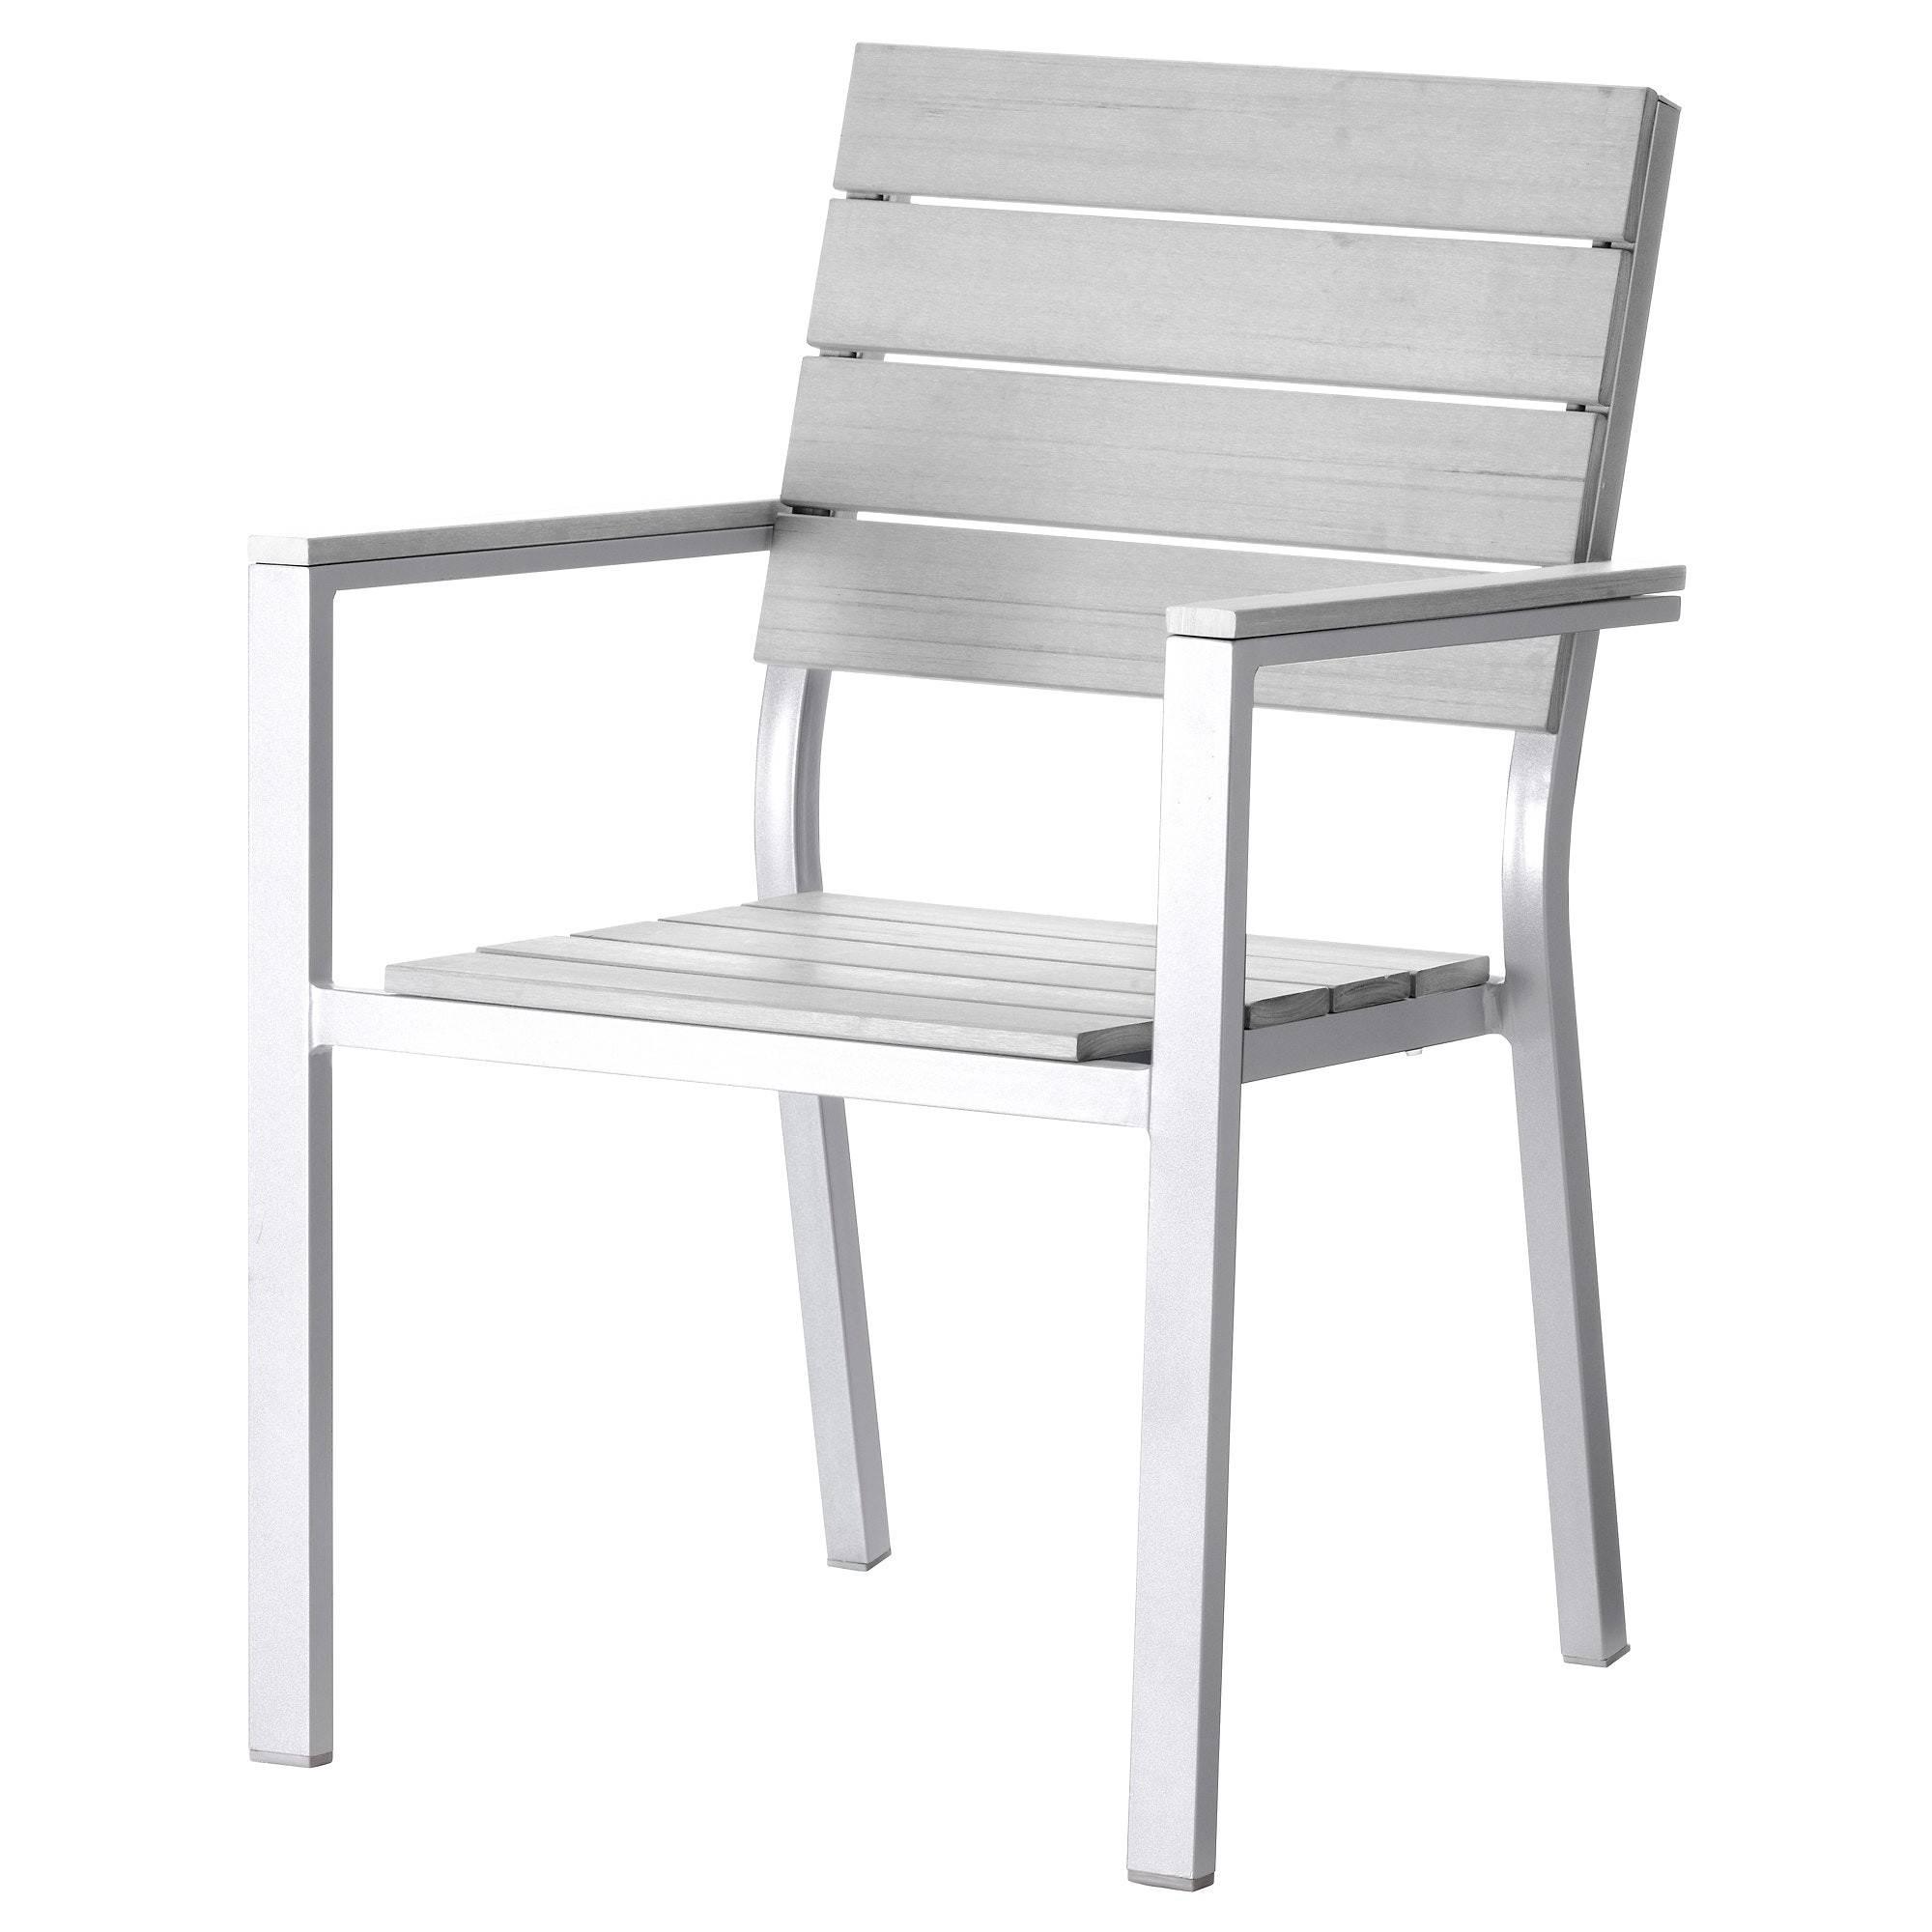 40 Génial Table Ronde Fer Forgé Extérieur | Salon Jardin destiné Table Basse De Jardin Ikea